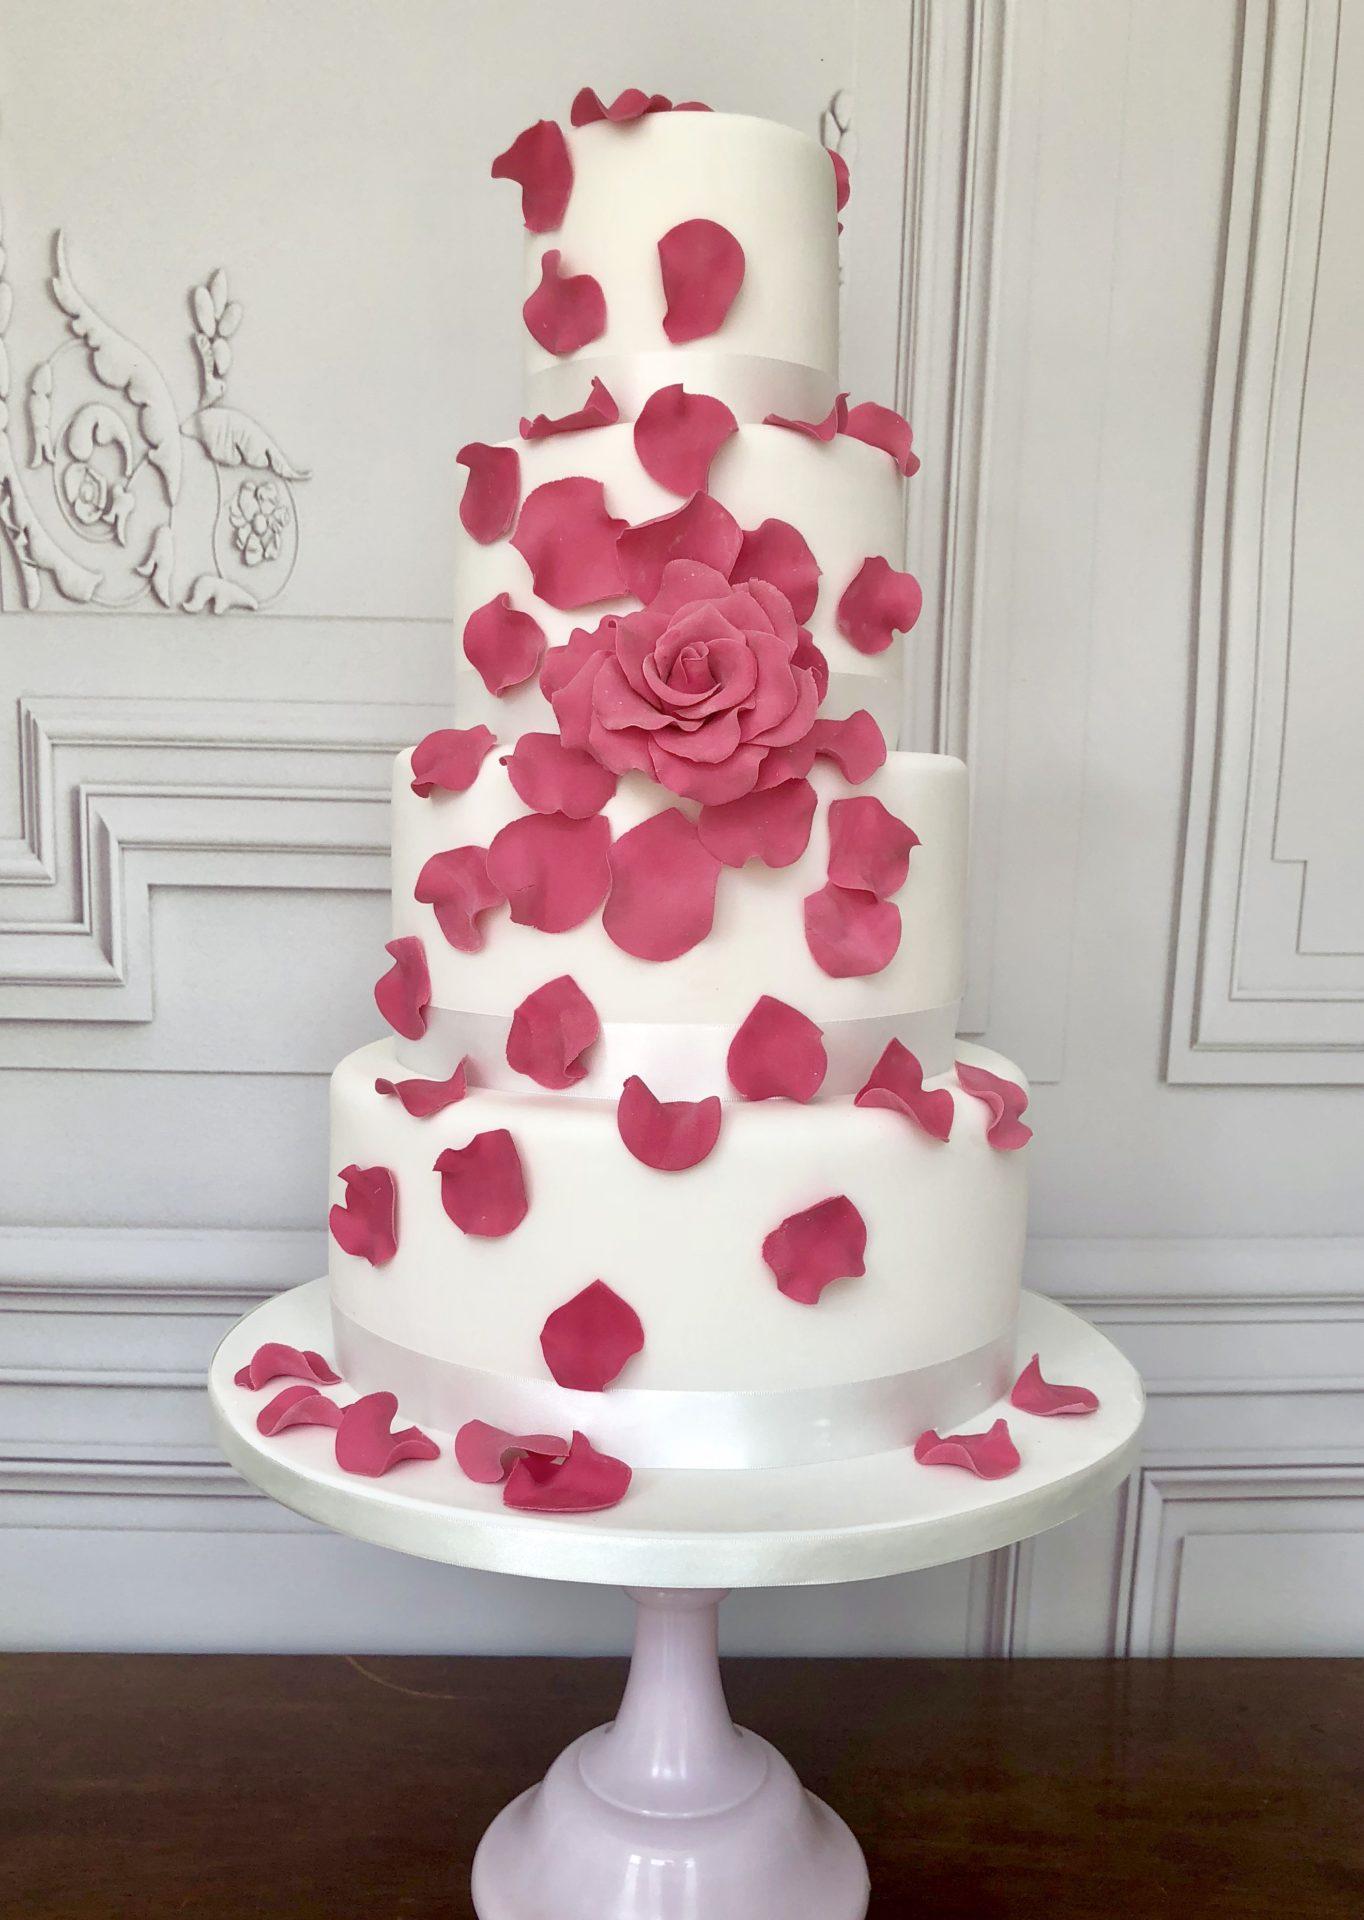 Tumbling Rose Wedding Cake